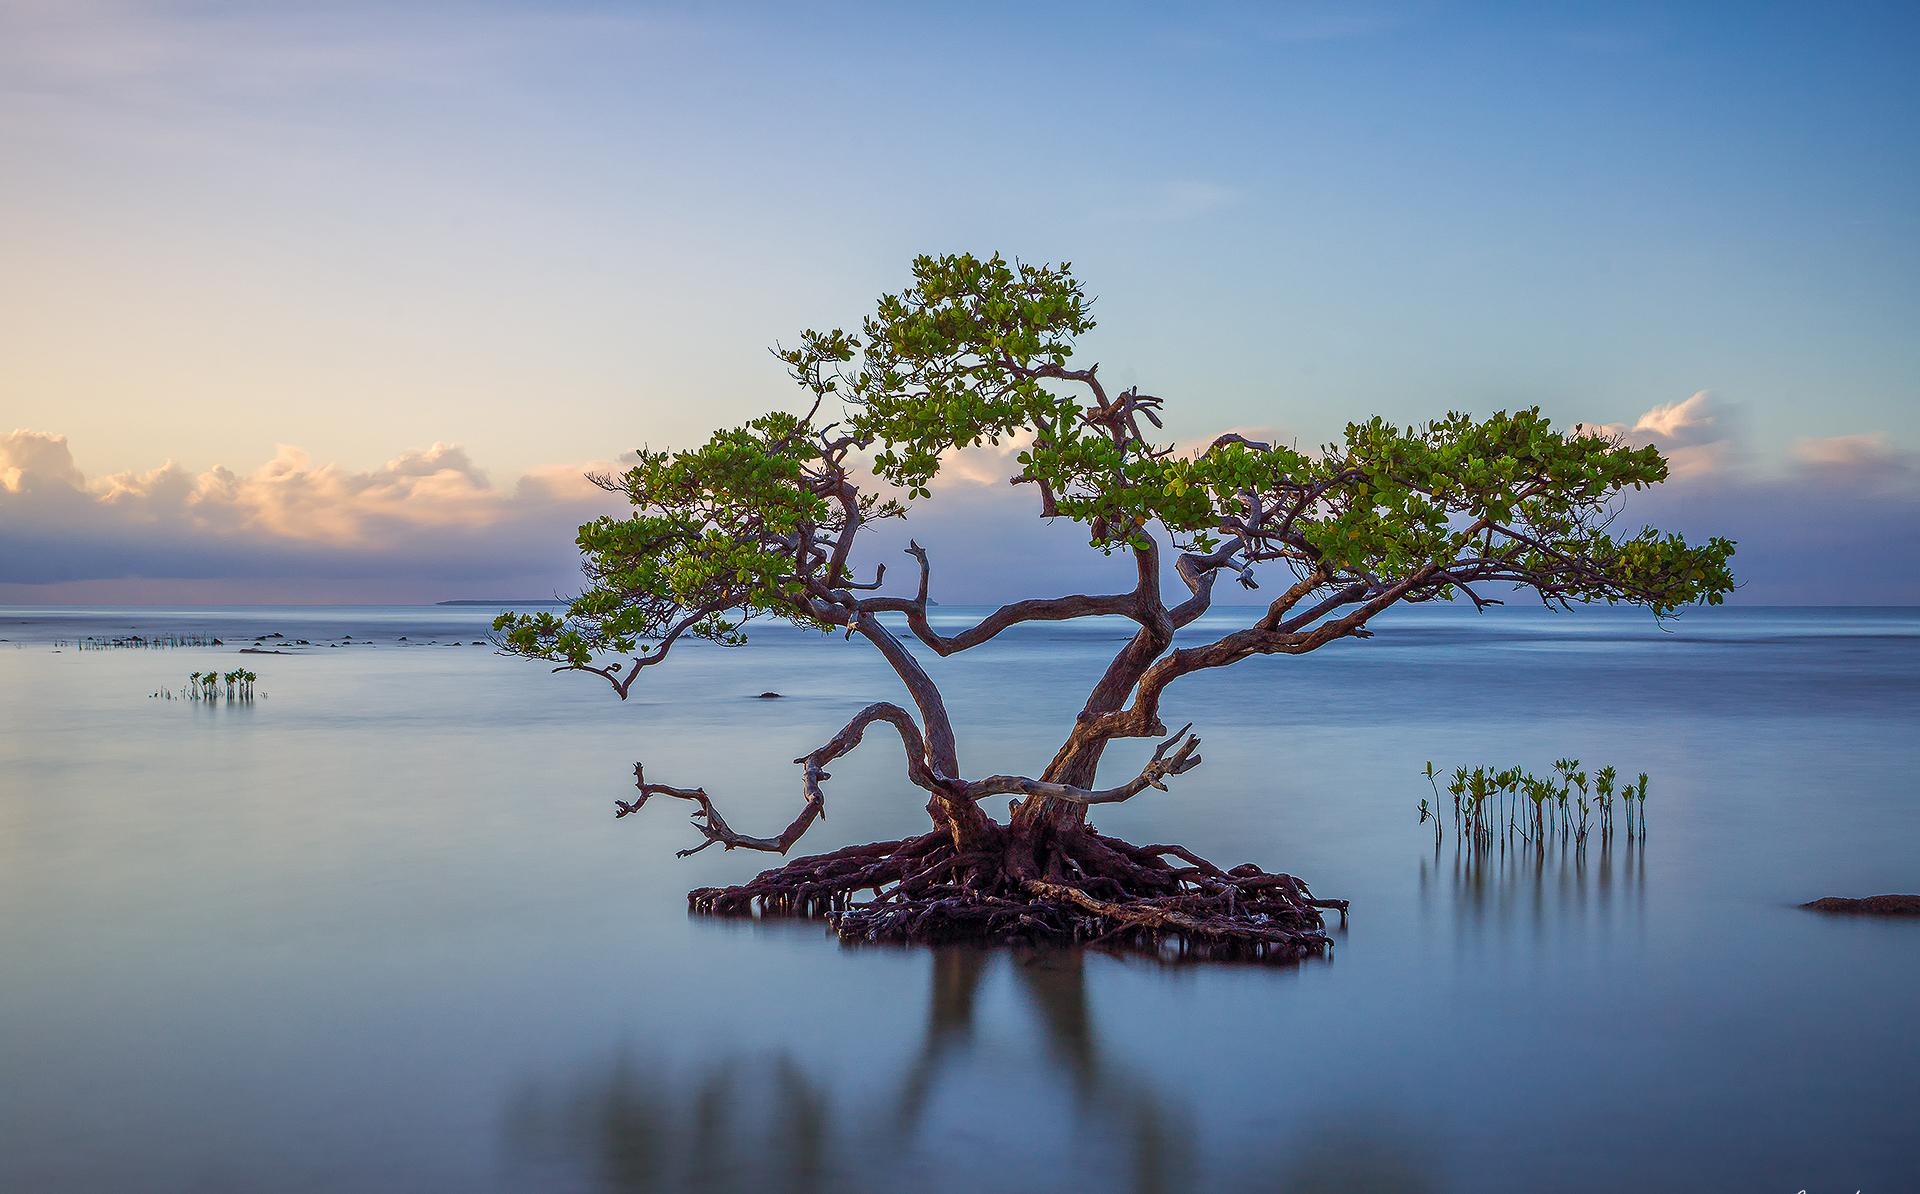 небо, вода, деревья  № 2487082 без смс